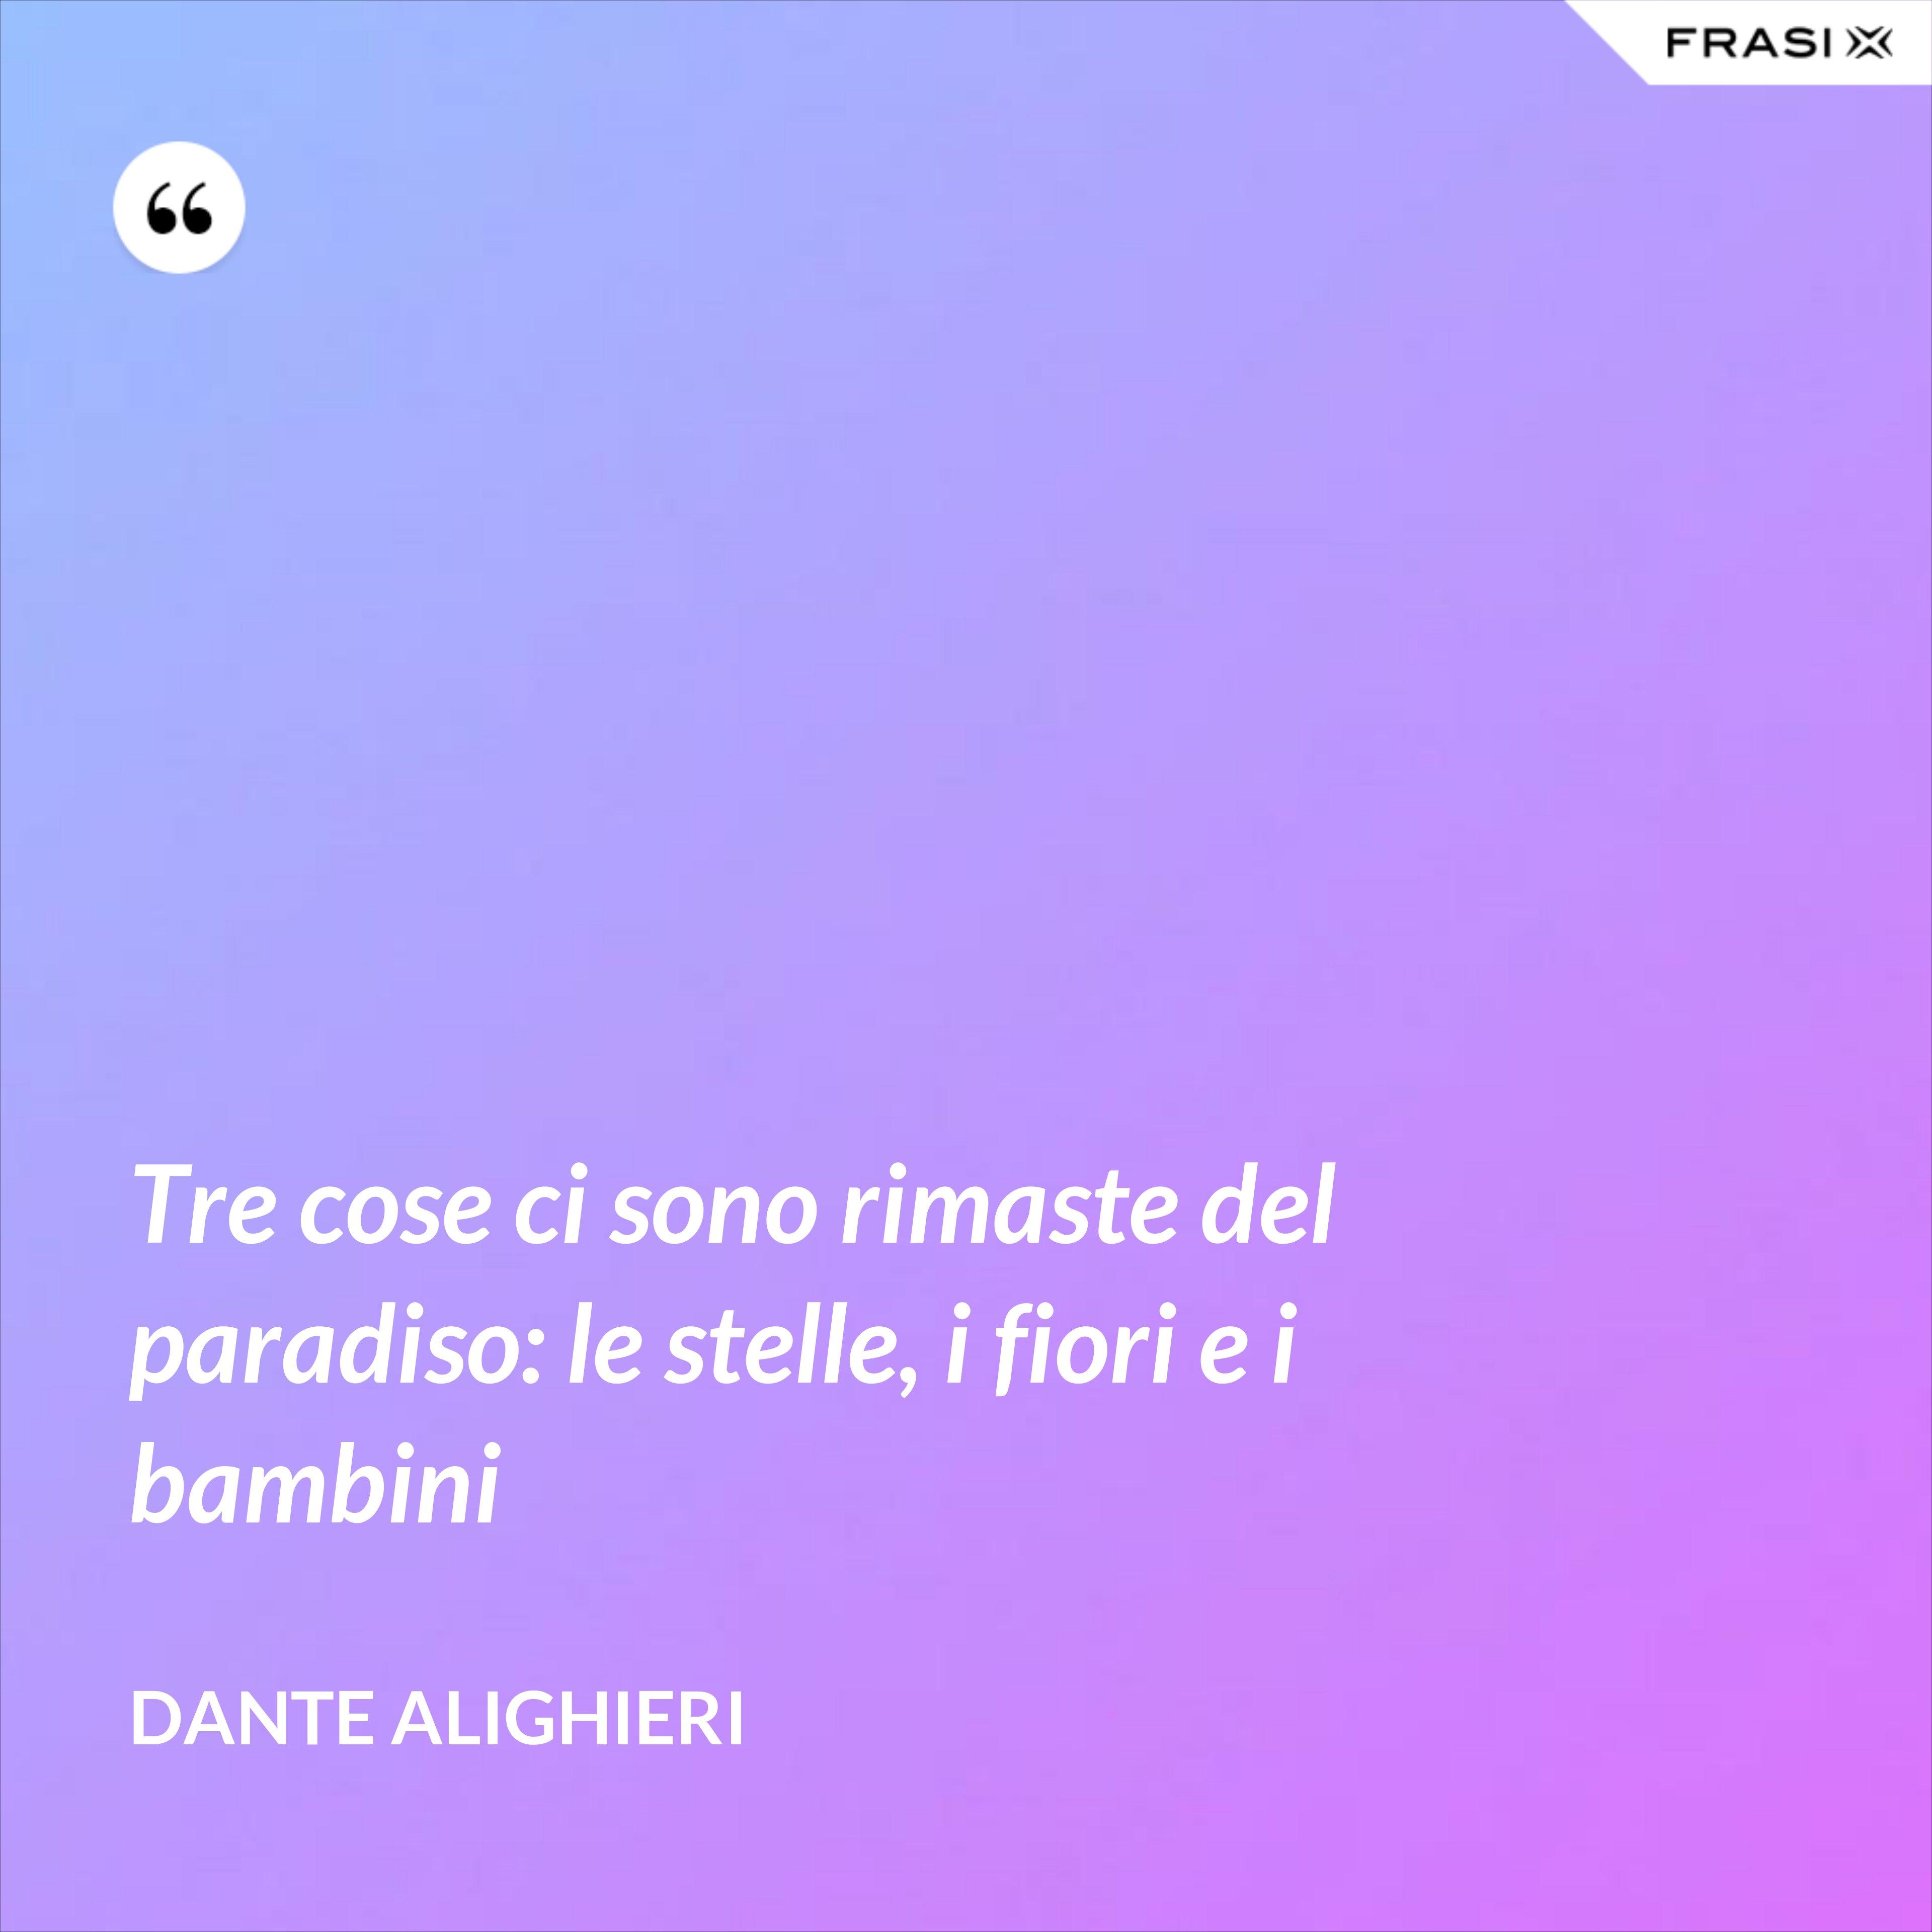 Tre cose ci sono rimaste del paradiso: le stelle, i fiori e i bambini - Dante Alighieri